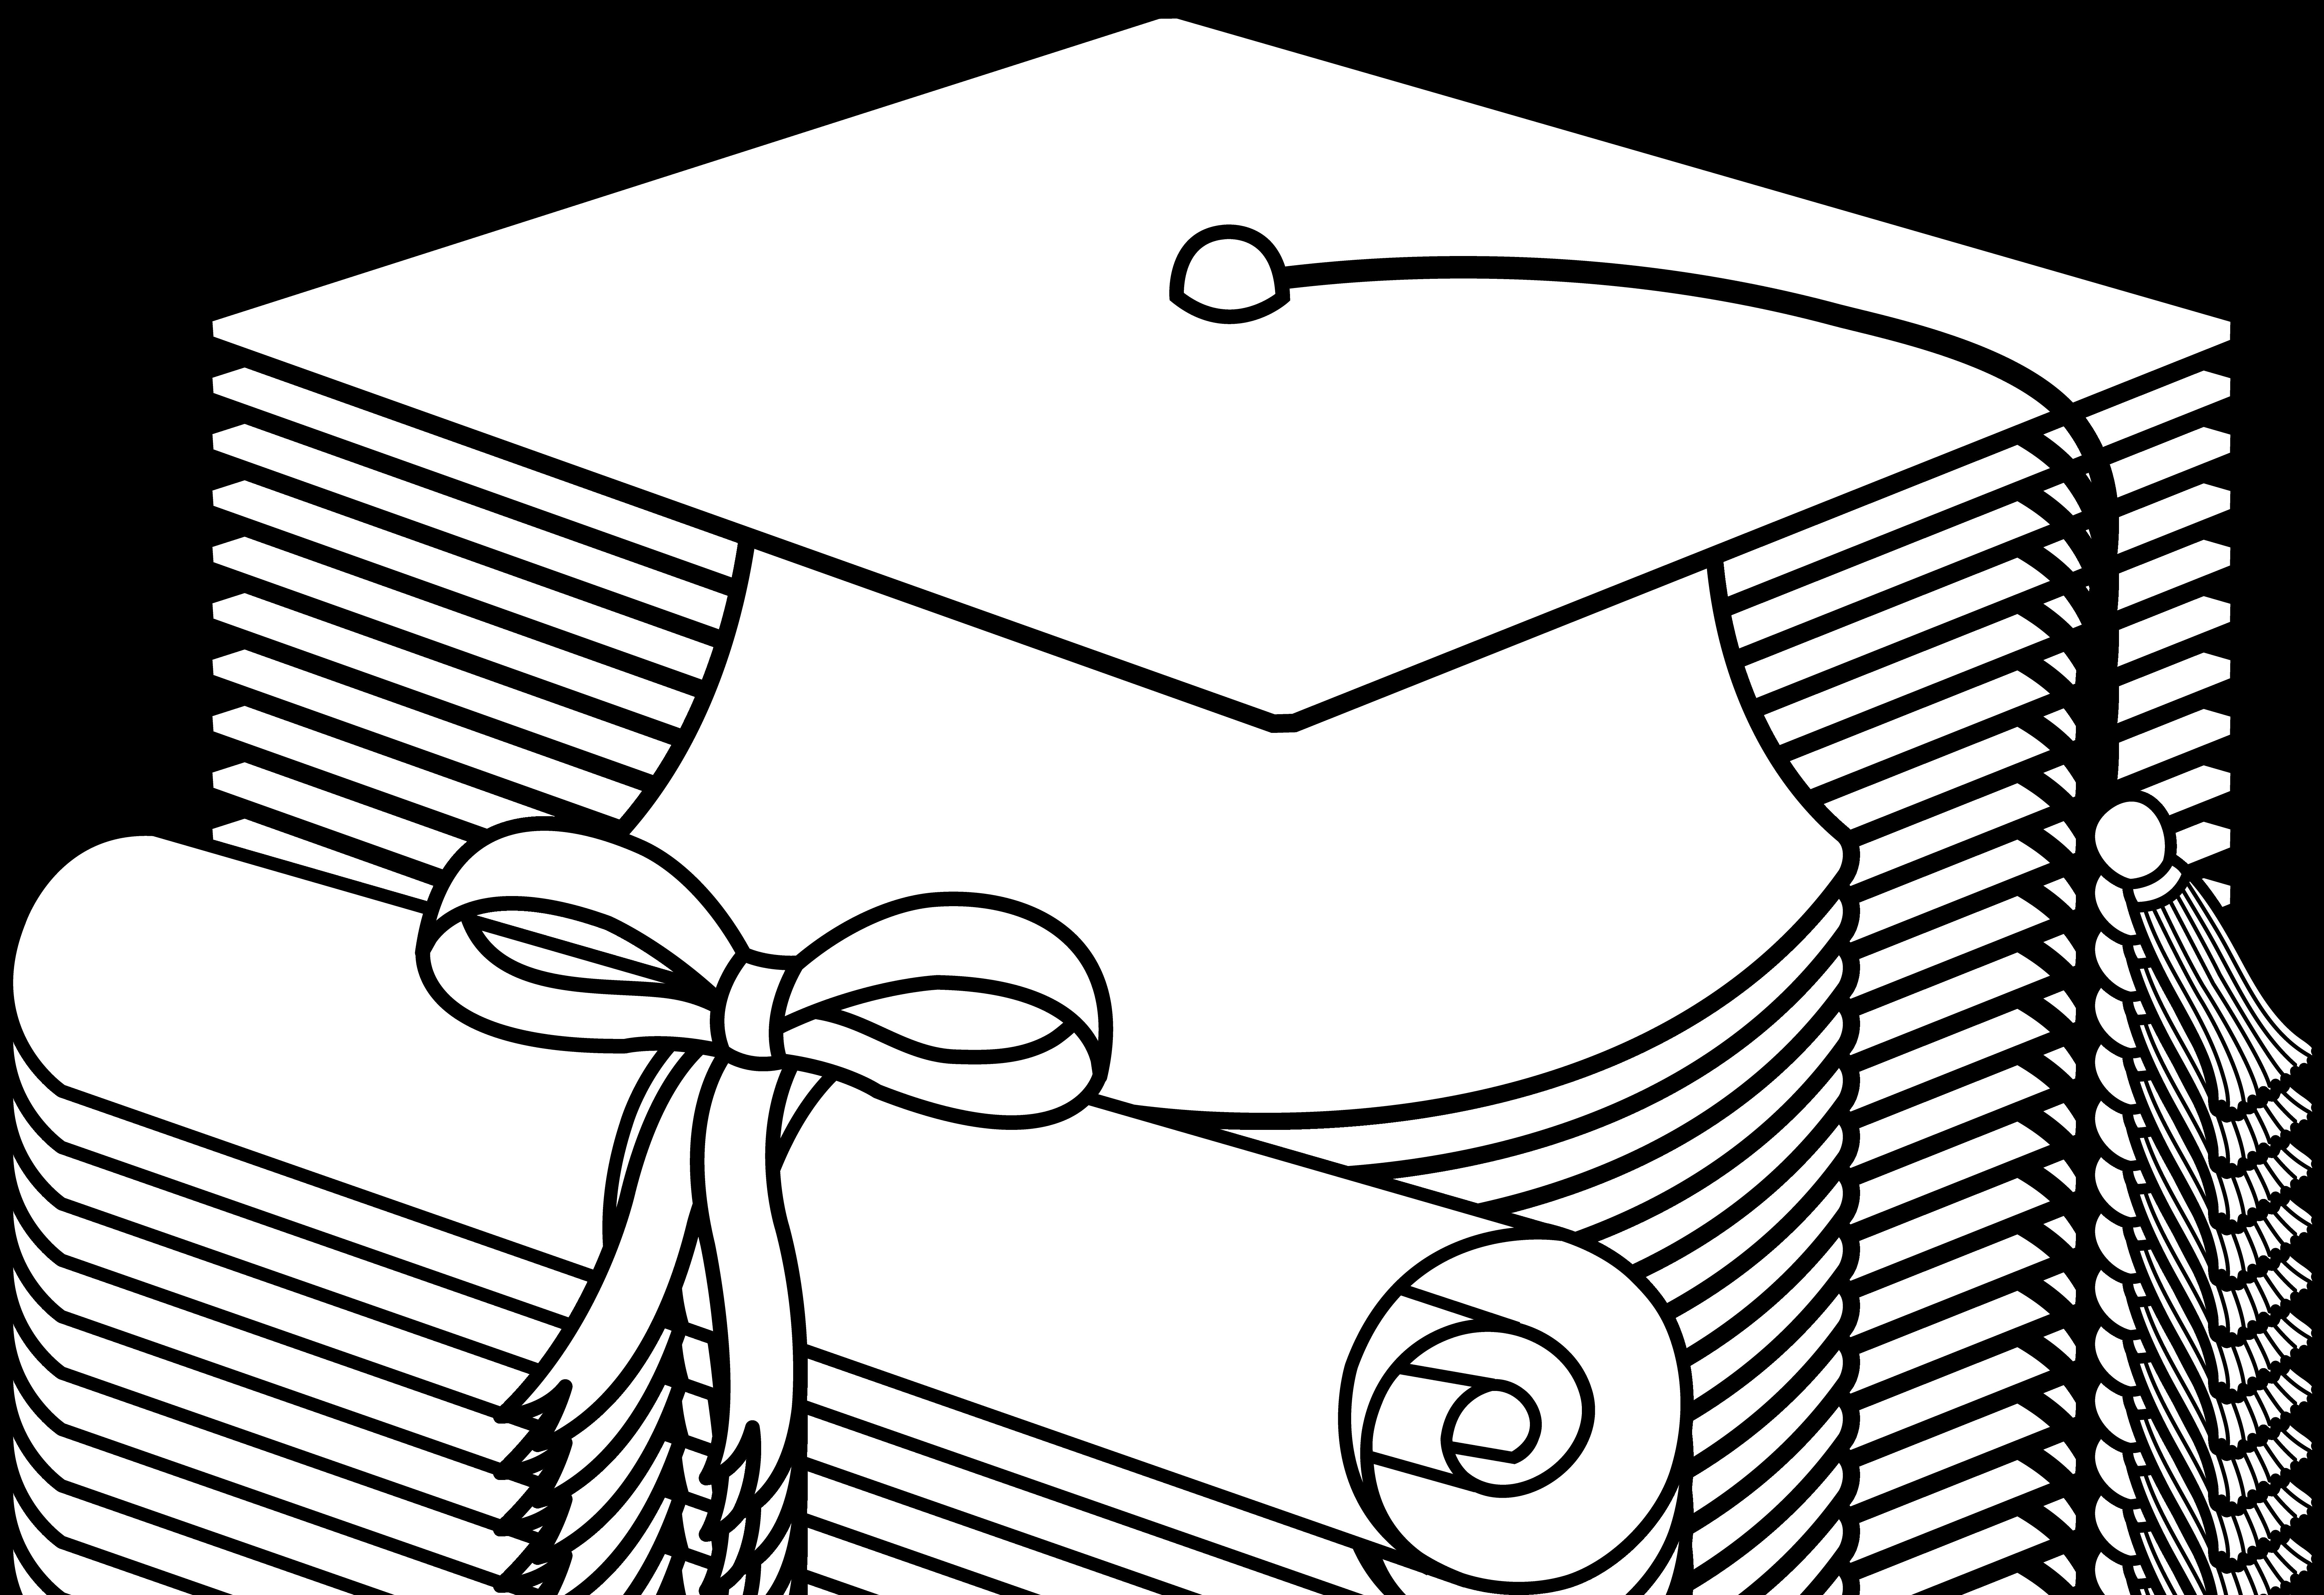 Graduation Cap Line Art Free Clip Art Graduation Clip Art Free Clip Art Graduation Cap